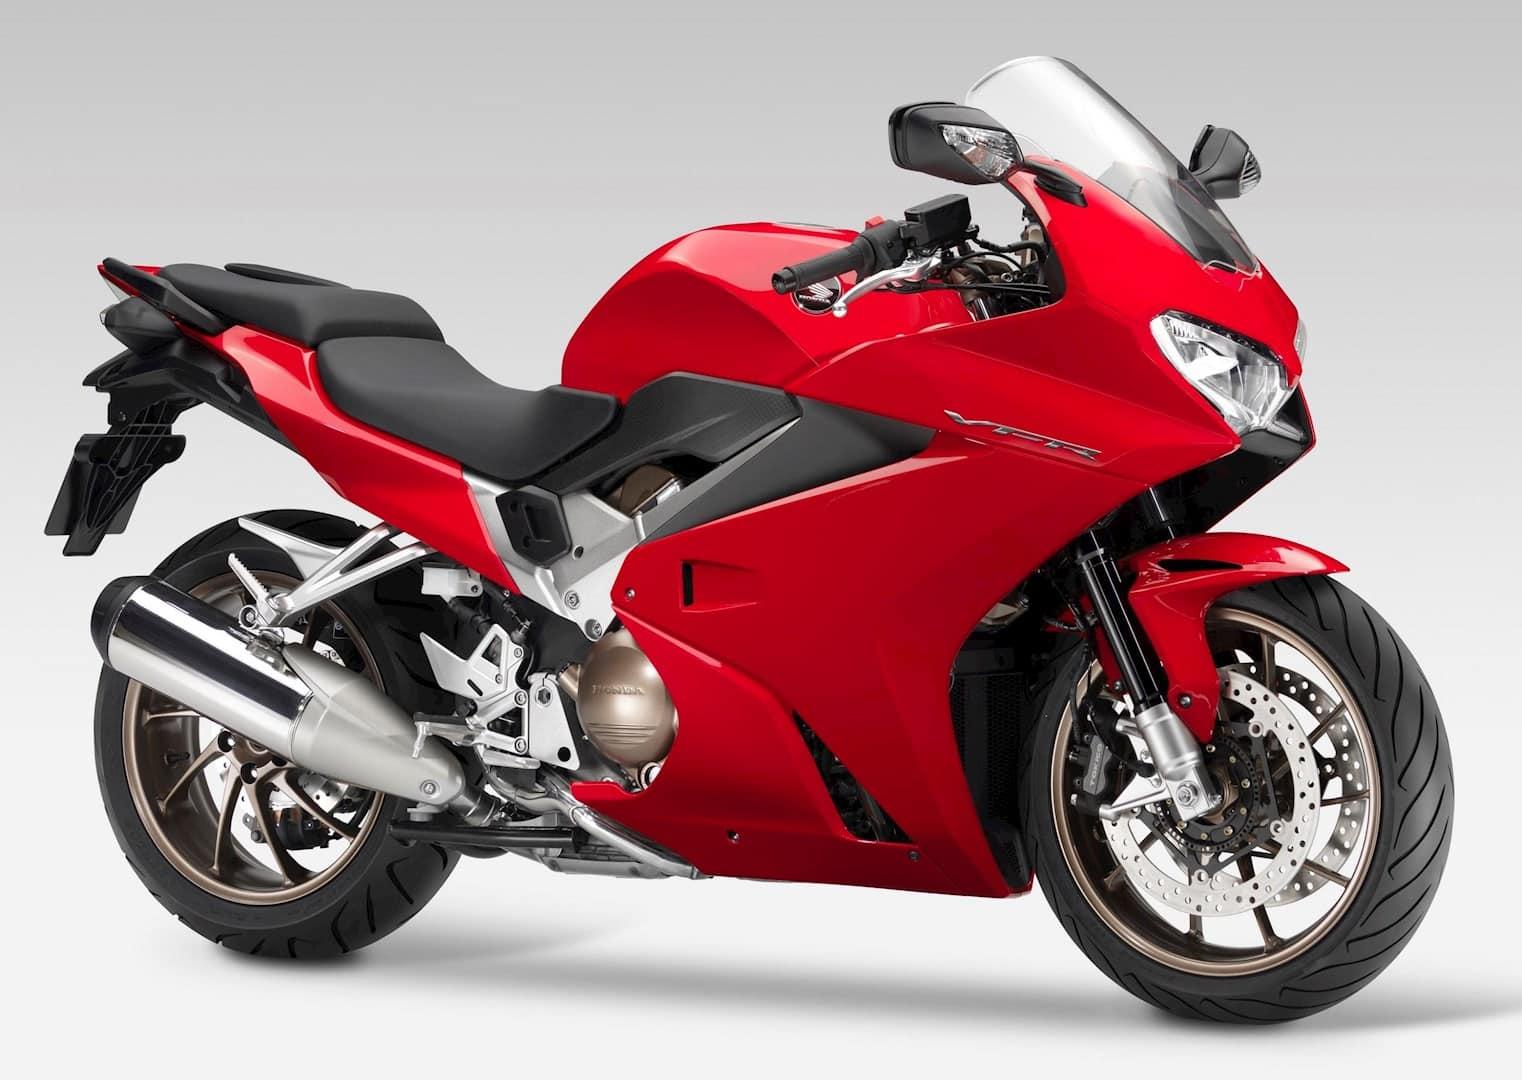 Motores VTEC en motocicletas